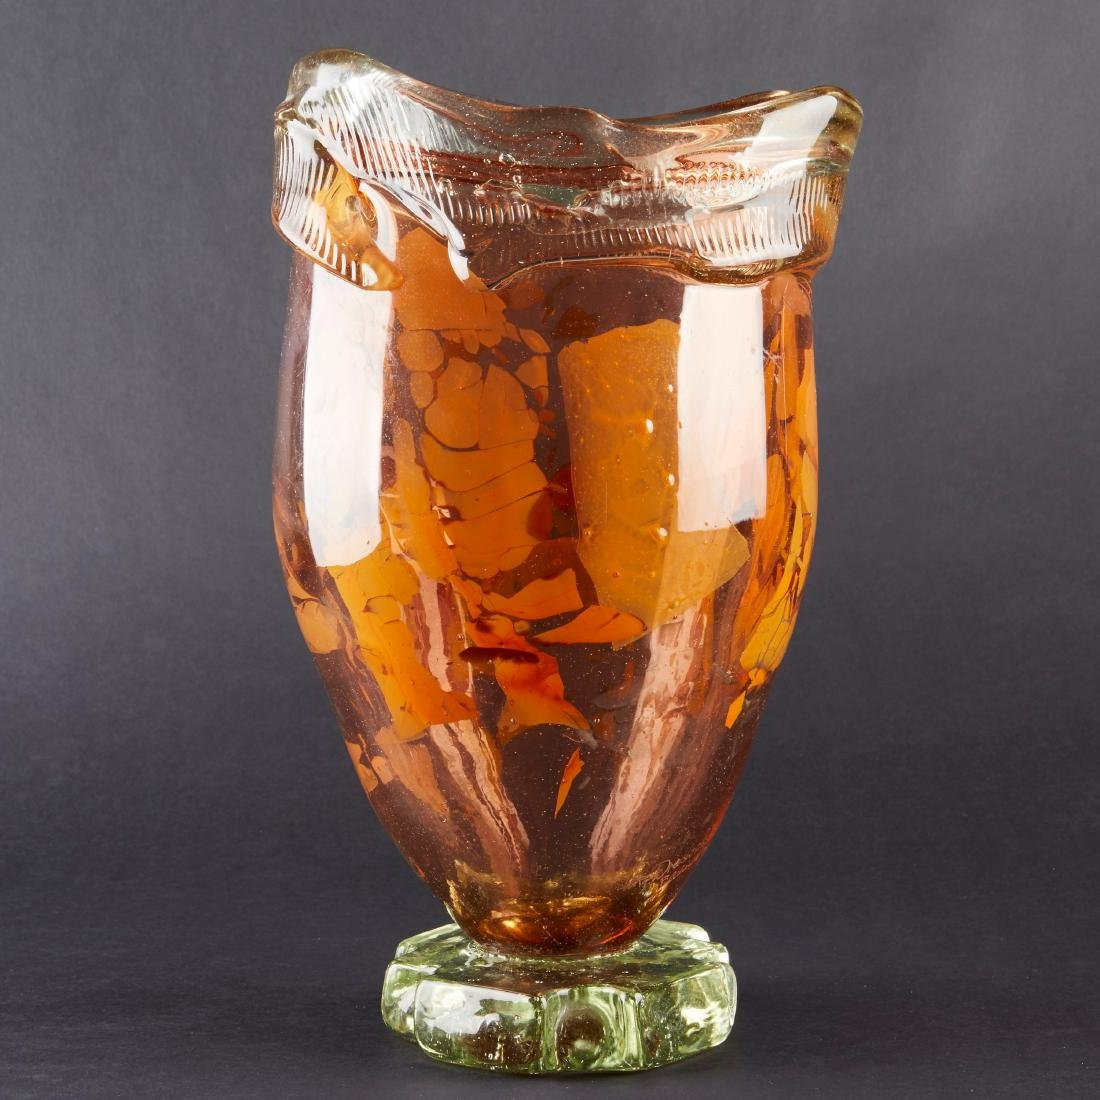 Fritz Dreisbach Glass Vase - 4